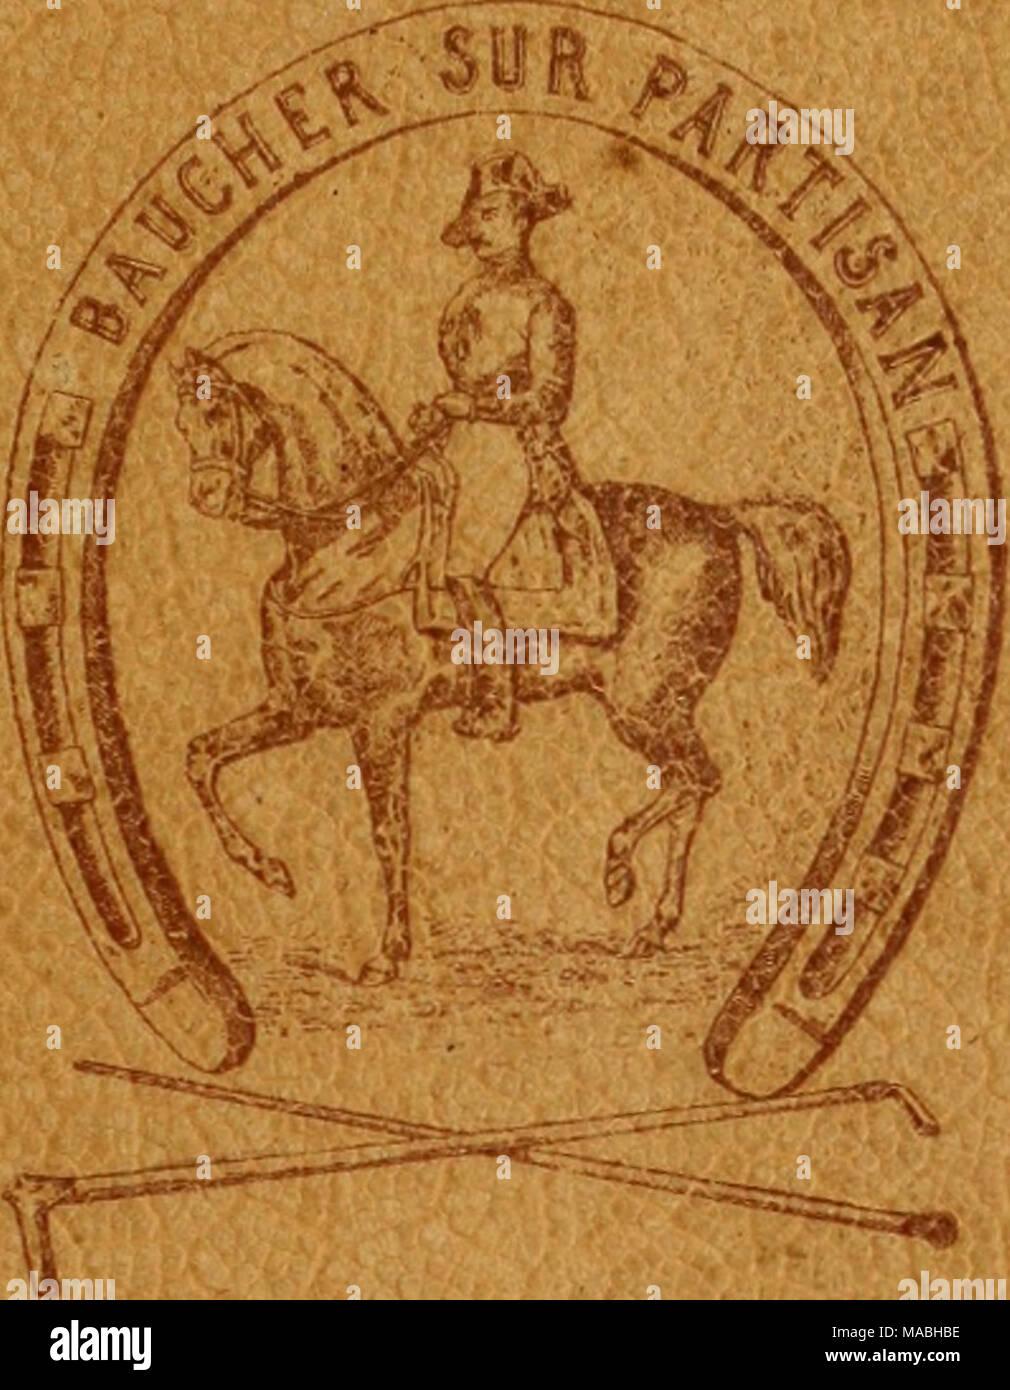 . Dressage méthodique du cheval de selle d'aprés les derniers enseignements . PARIS R O T H se H I Lt>, É D1T E tf R l3, RUE DES SAINTS-PÈRES, l3 1891 - Stock Image